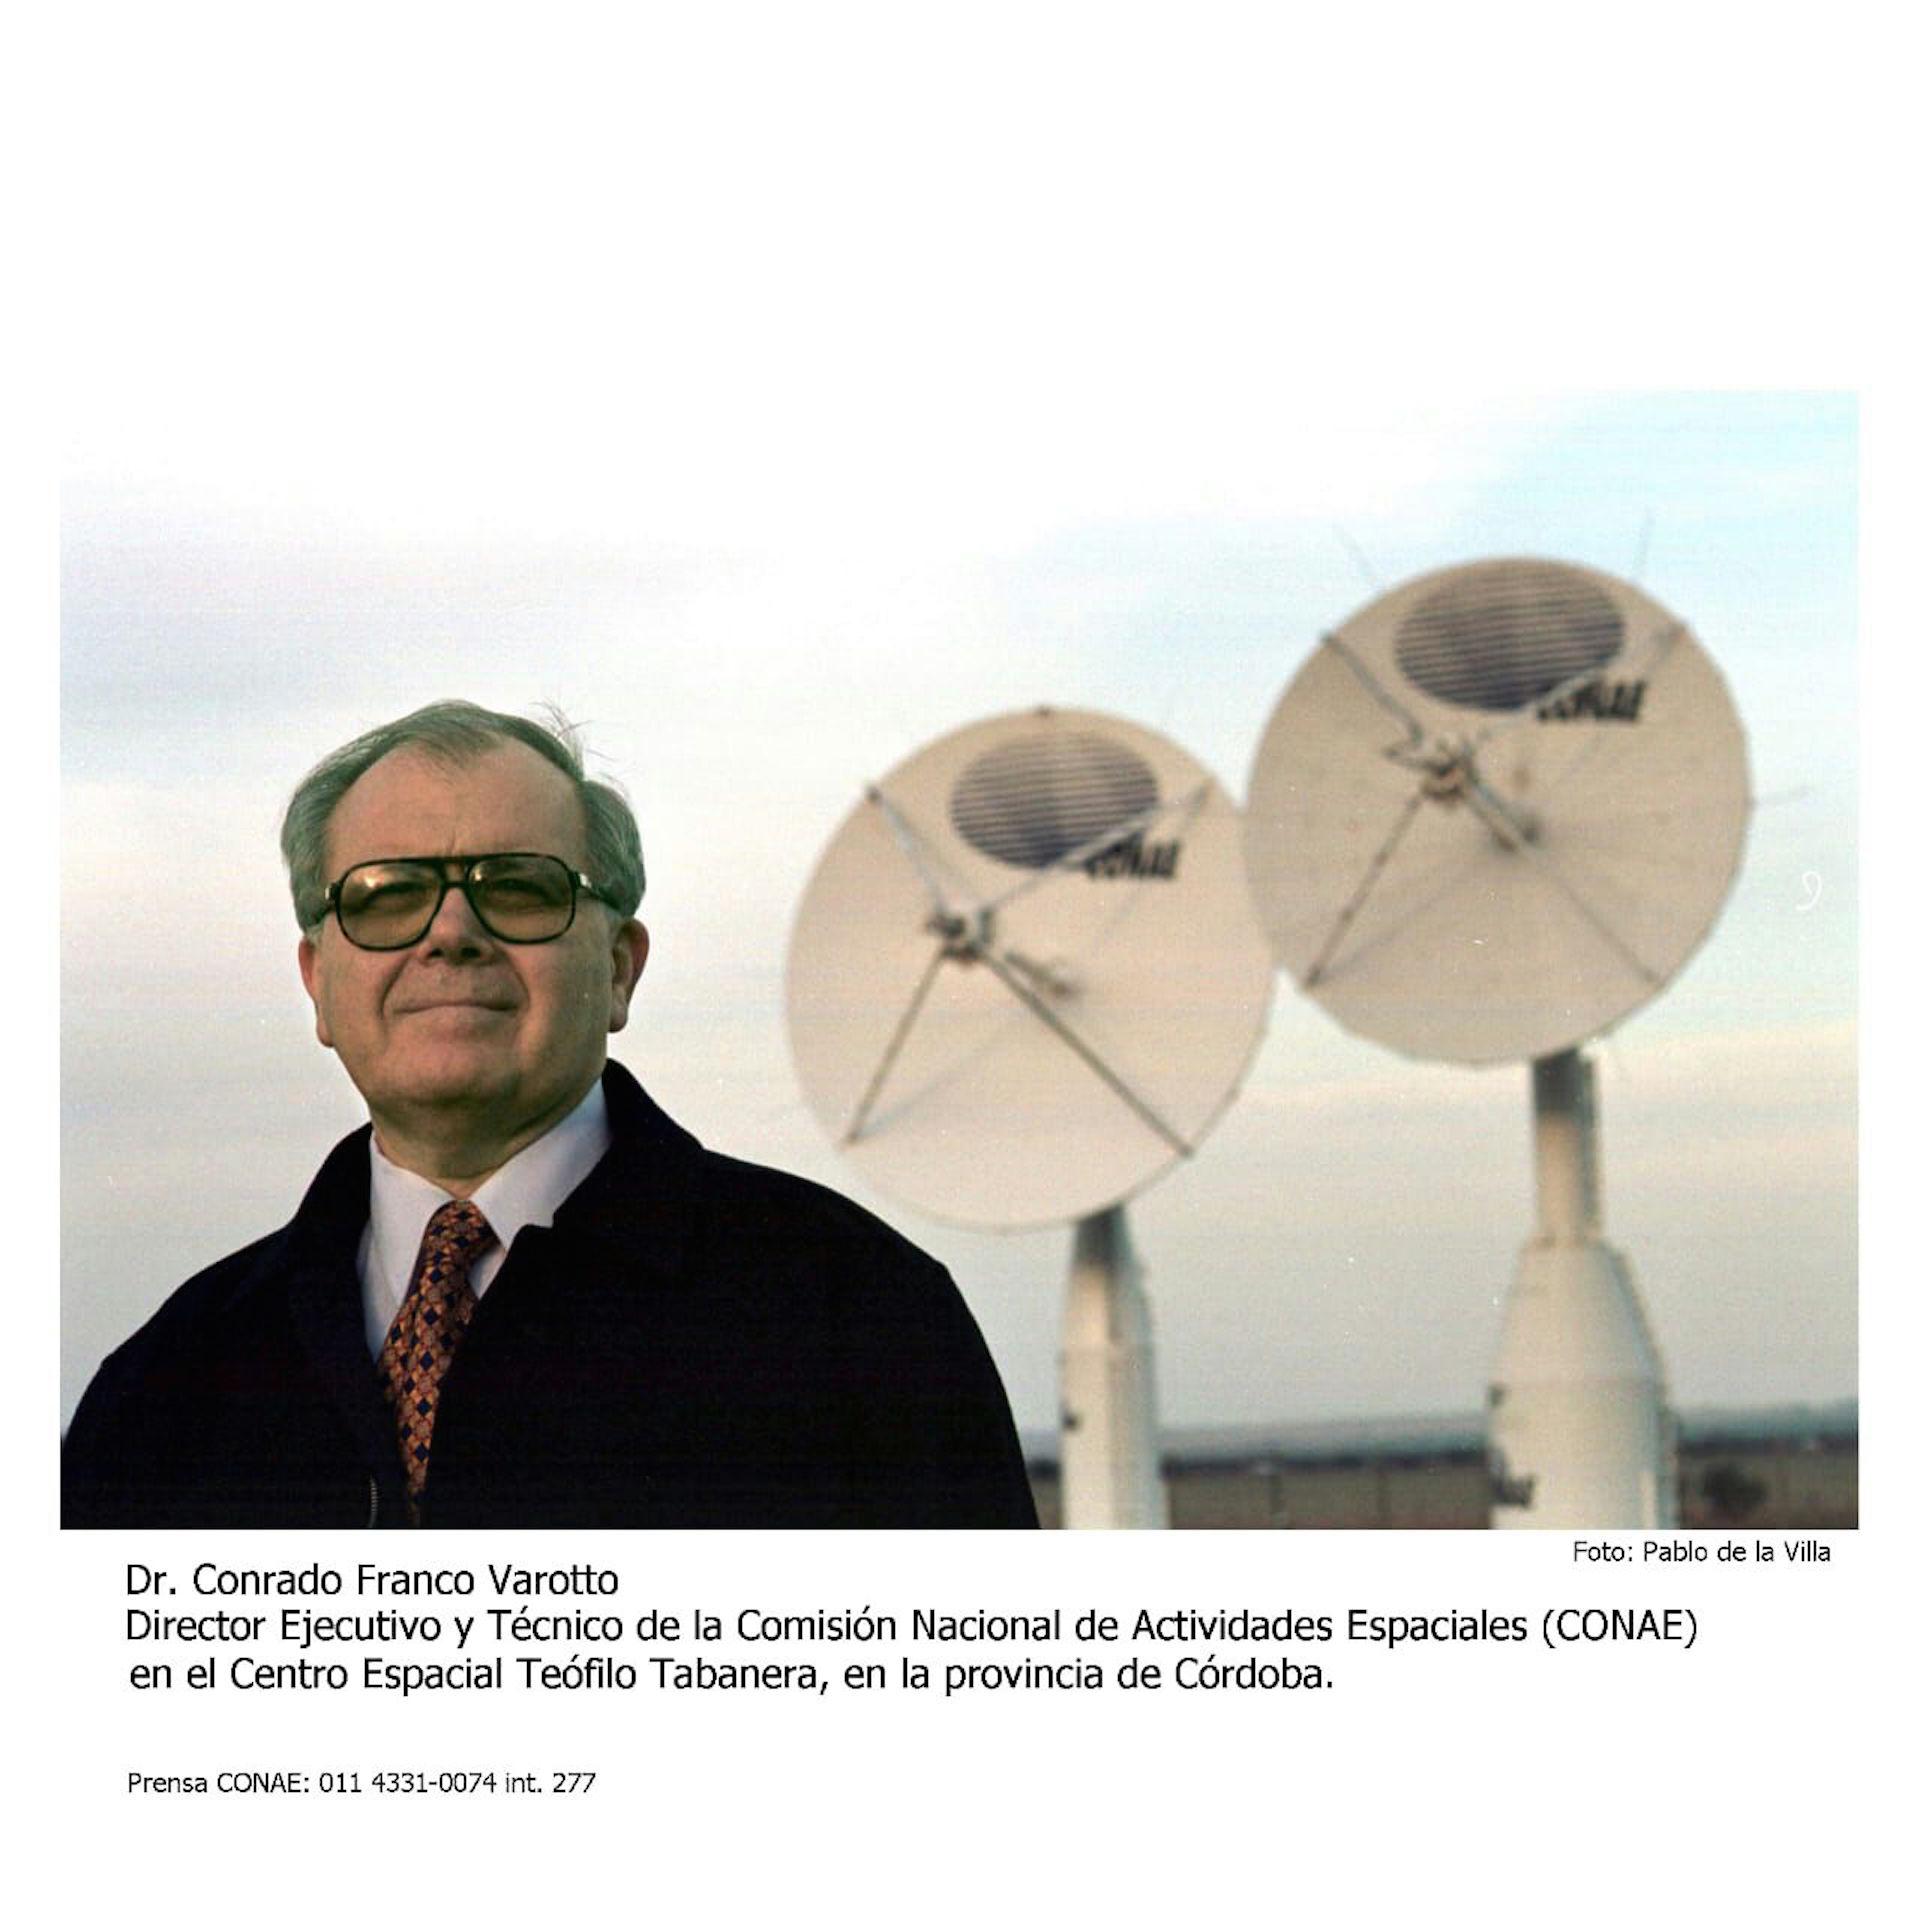 #GENTE Conrado franco varotto CONAE